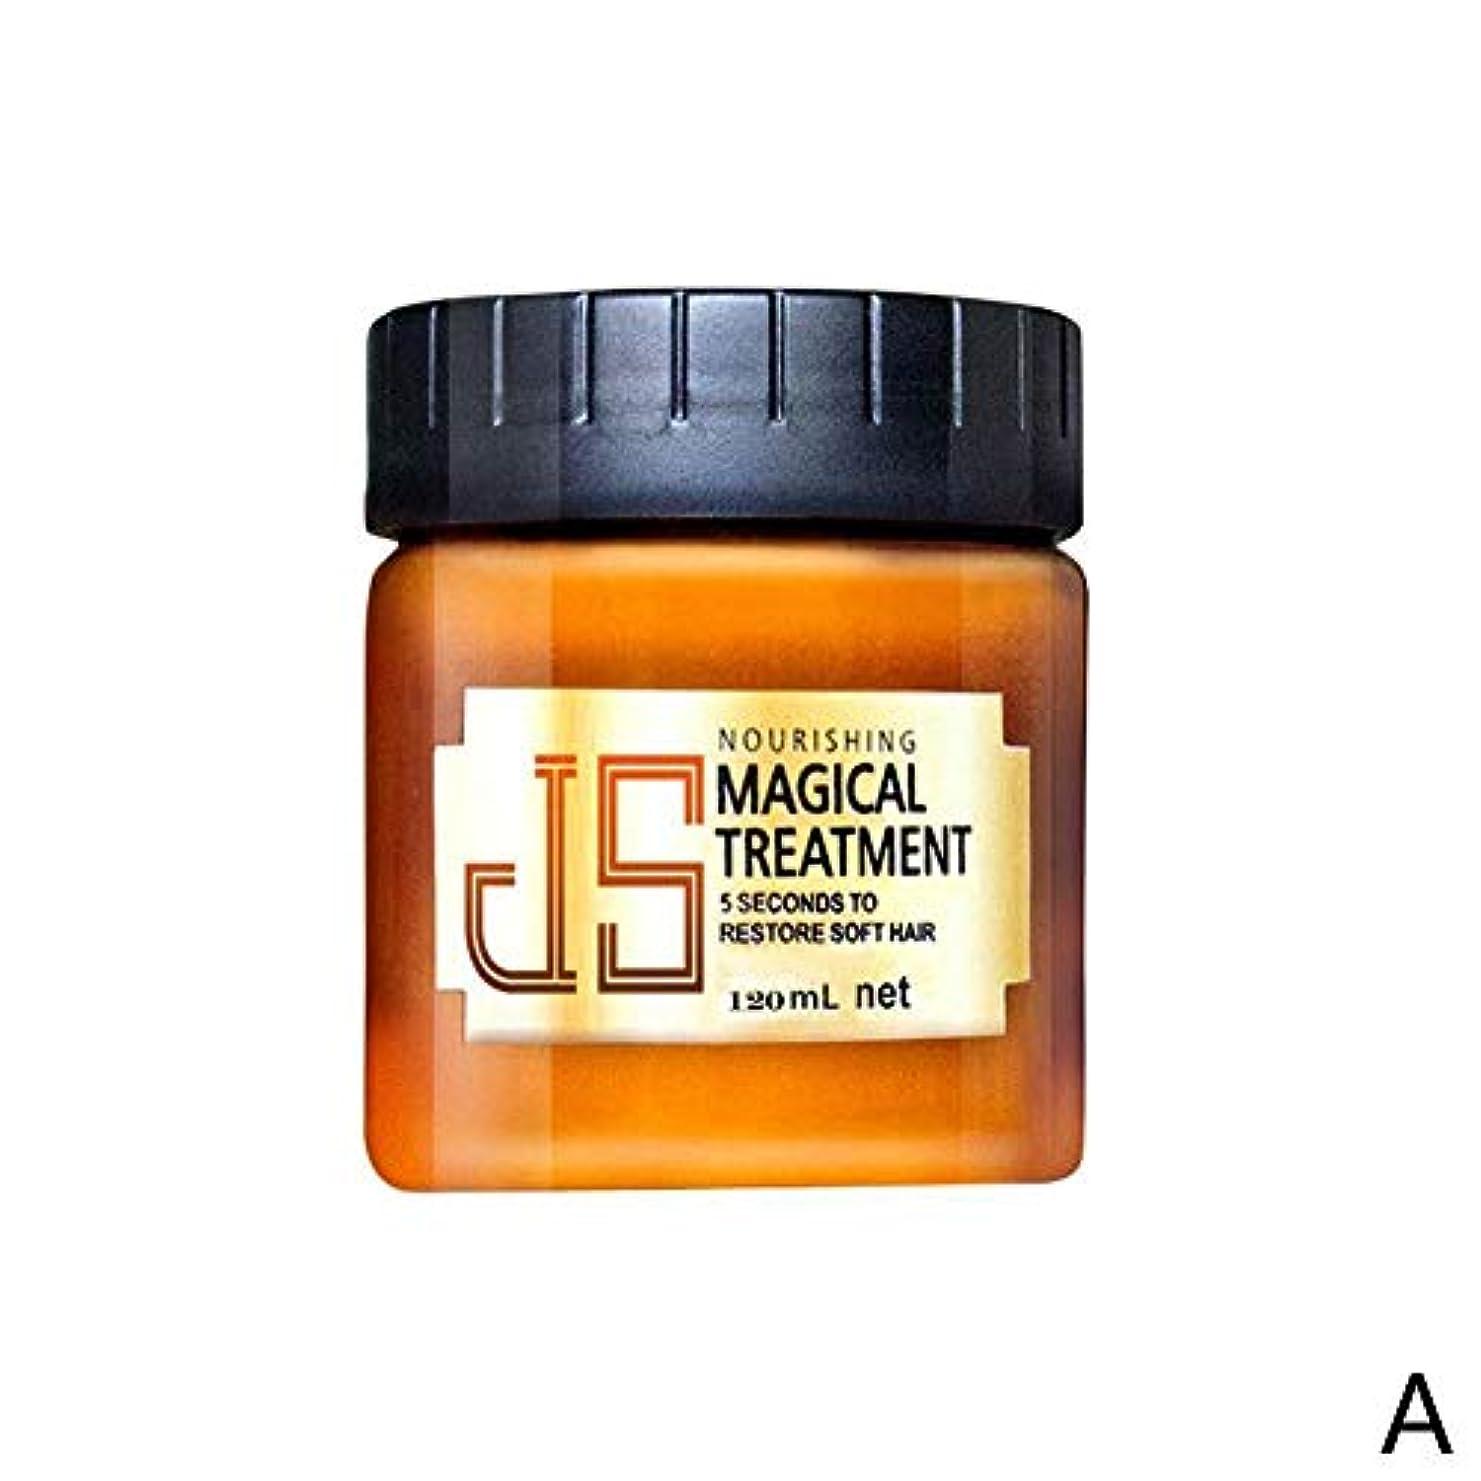 BETTER YOU (ベター ュー) コンディショナー、多機能コンディショナー、髪の修復、水分補給、乾燥防止、髪の栄養補給